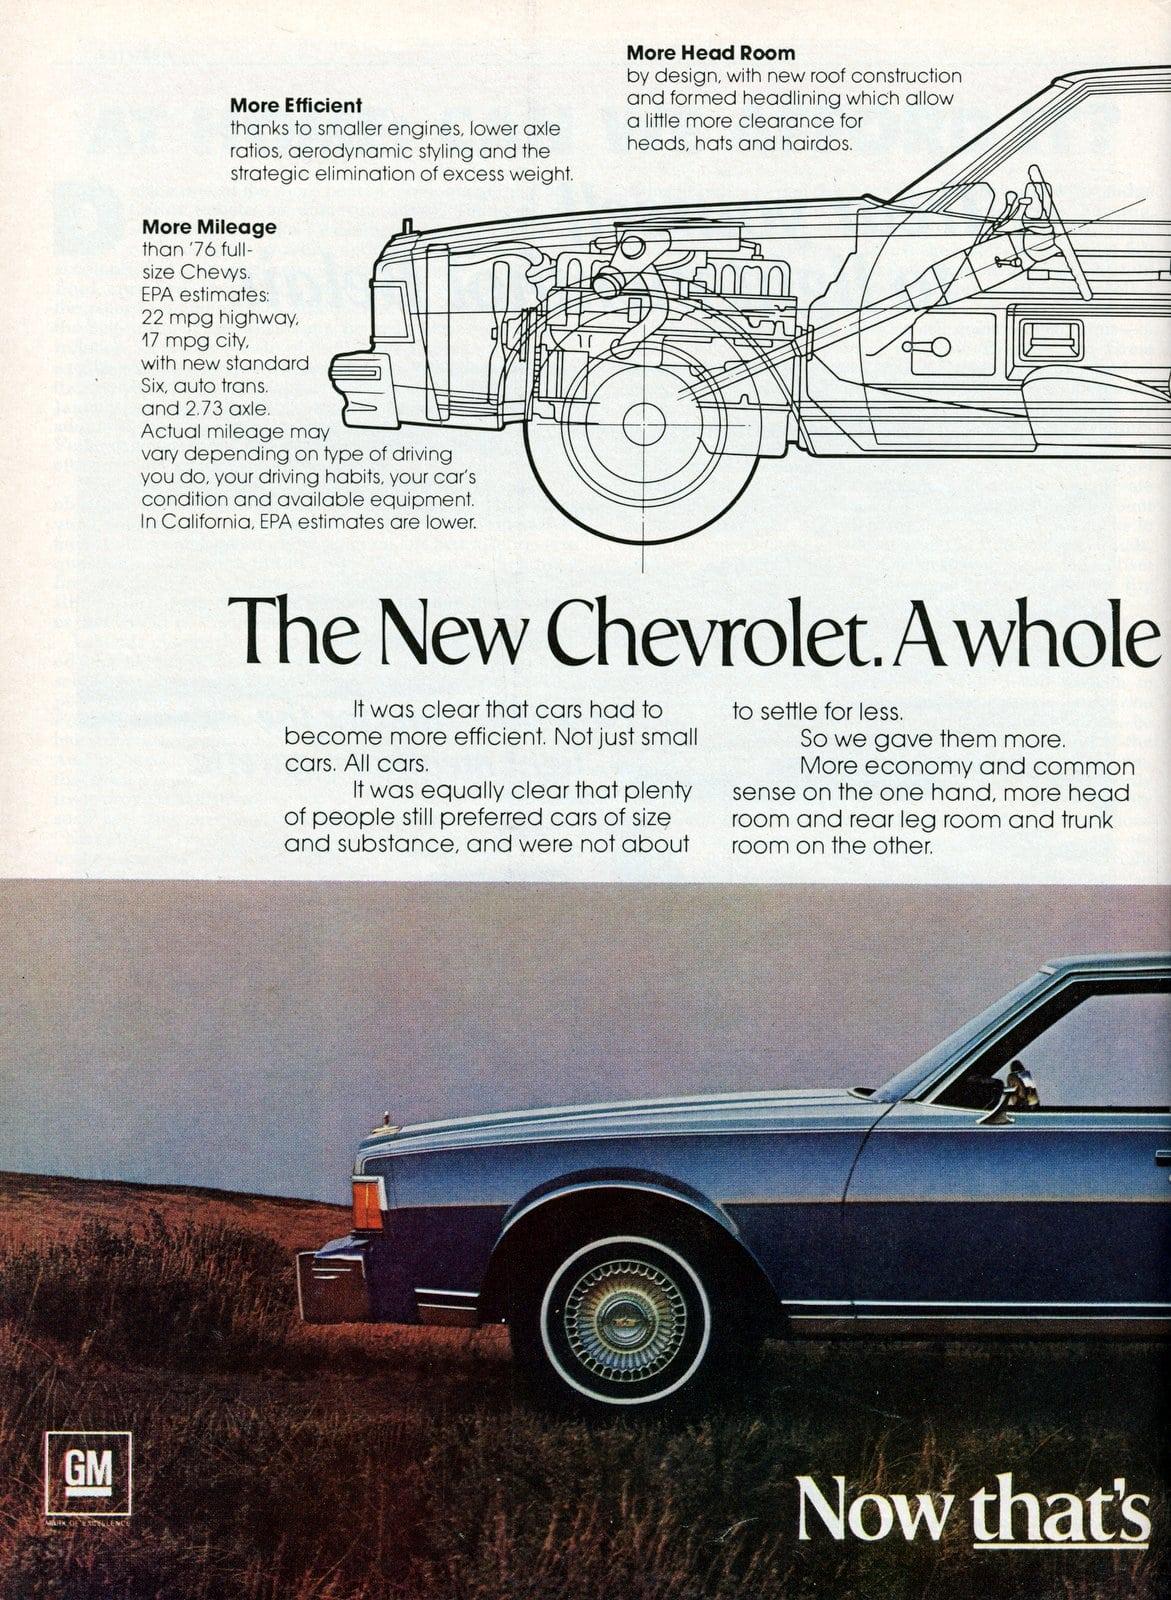 1977 Caprice Classic Sedan (1)